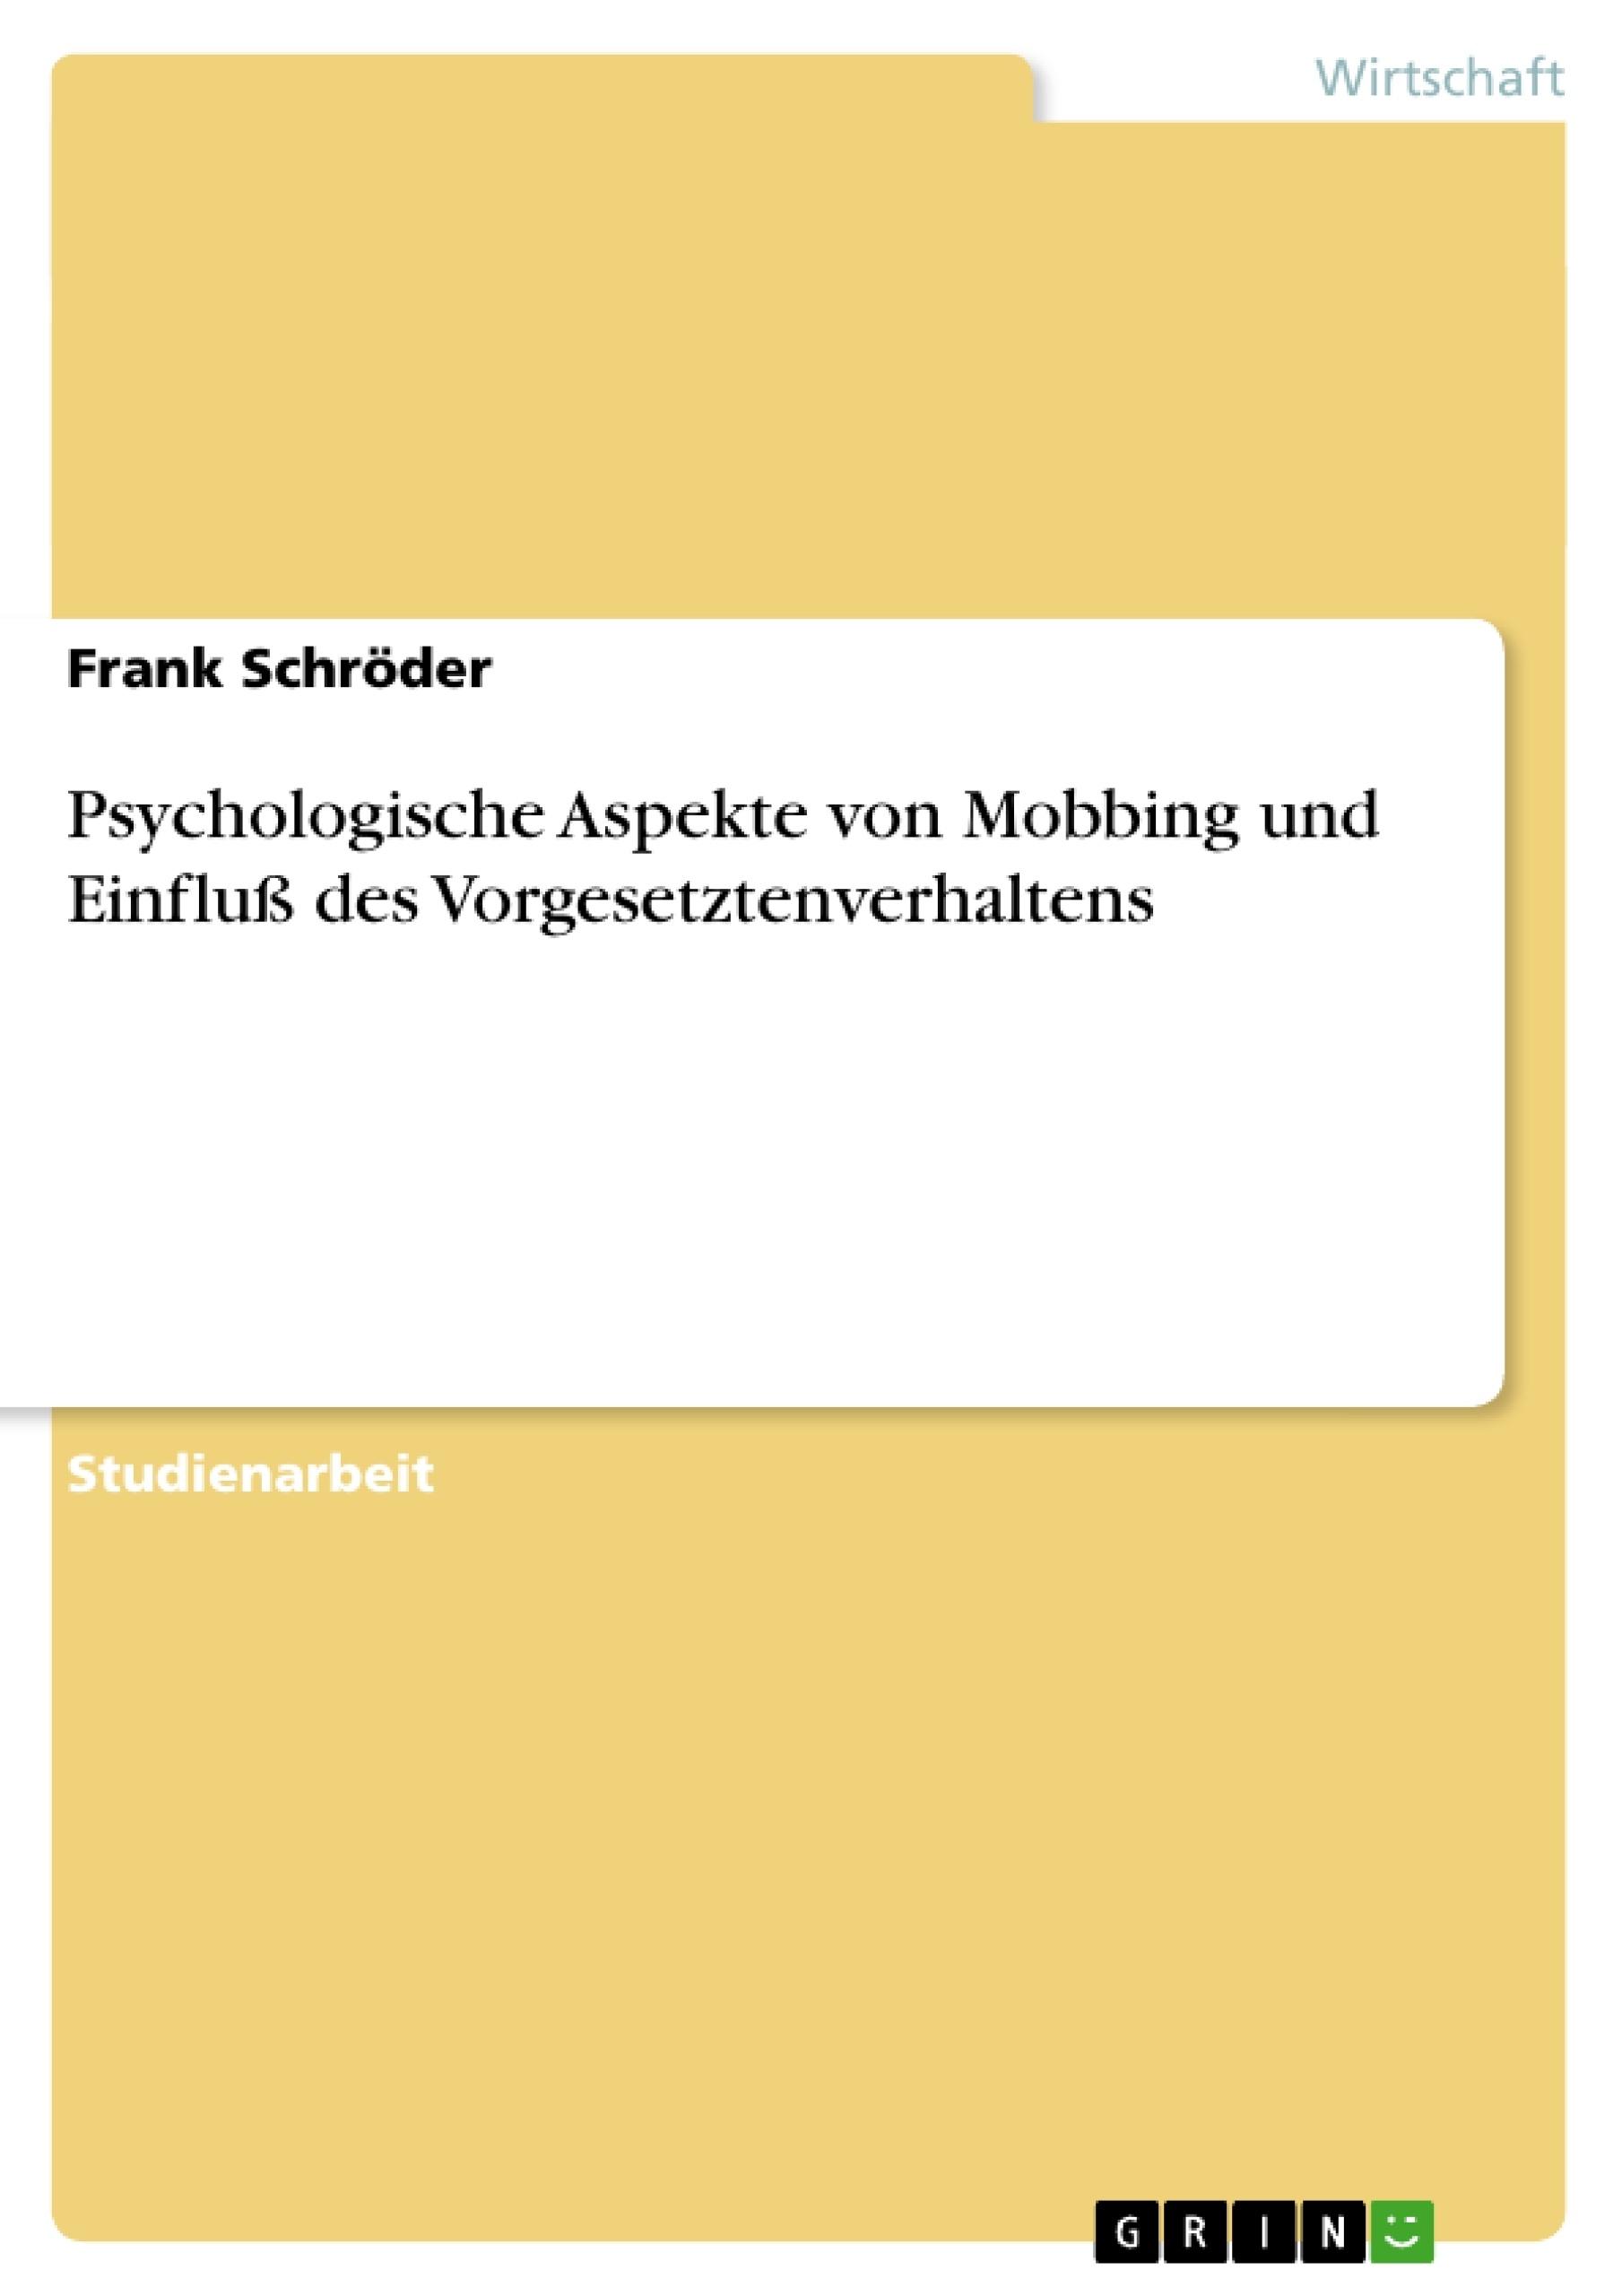 Titel: Psychologische Aspekte von Mobbing und Einfluß des Vorgesetztenverhaltens